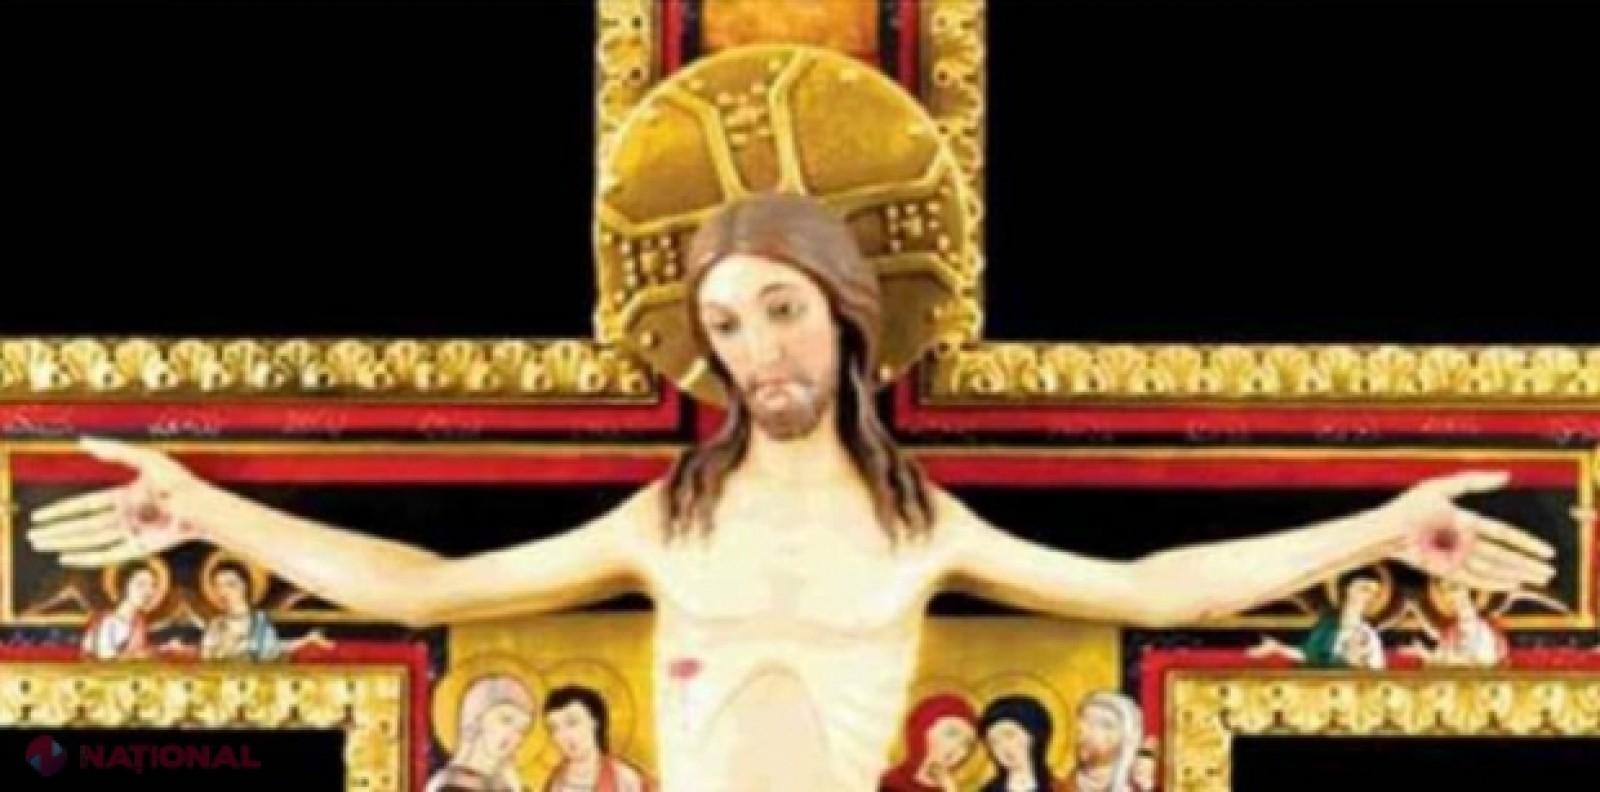 Crucificarea lui Iisus, prea violentă pentru Facebook. Această imagine a fost interzisă